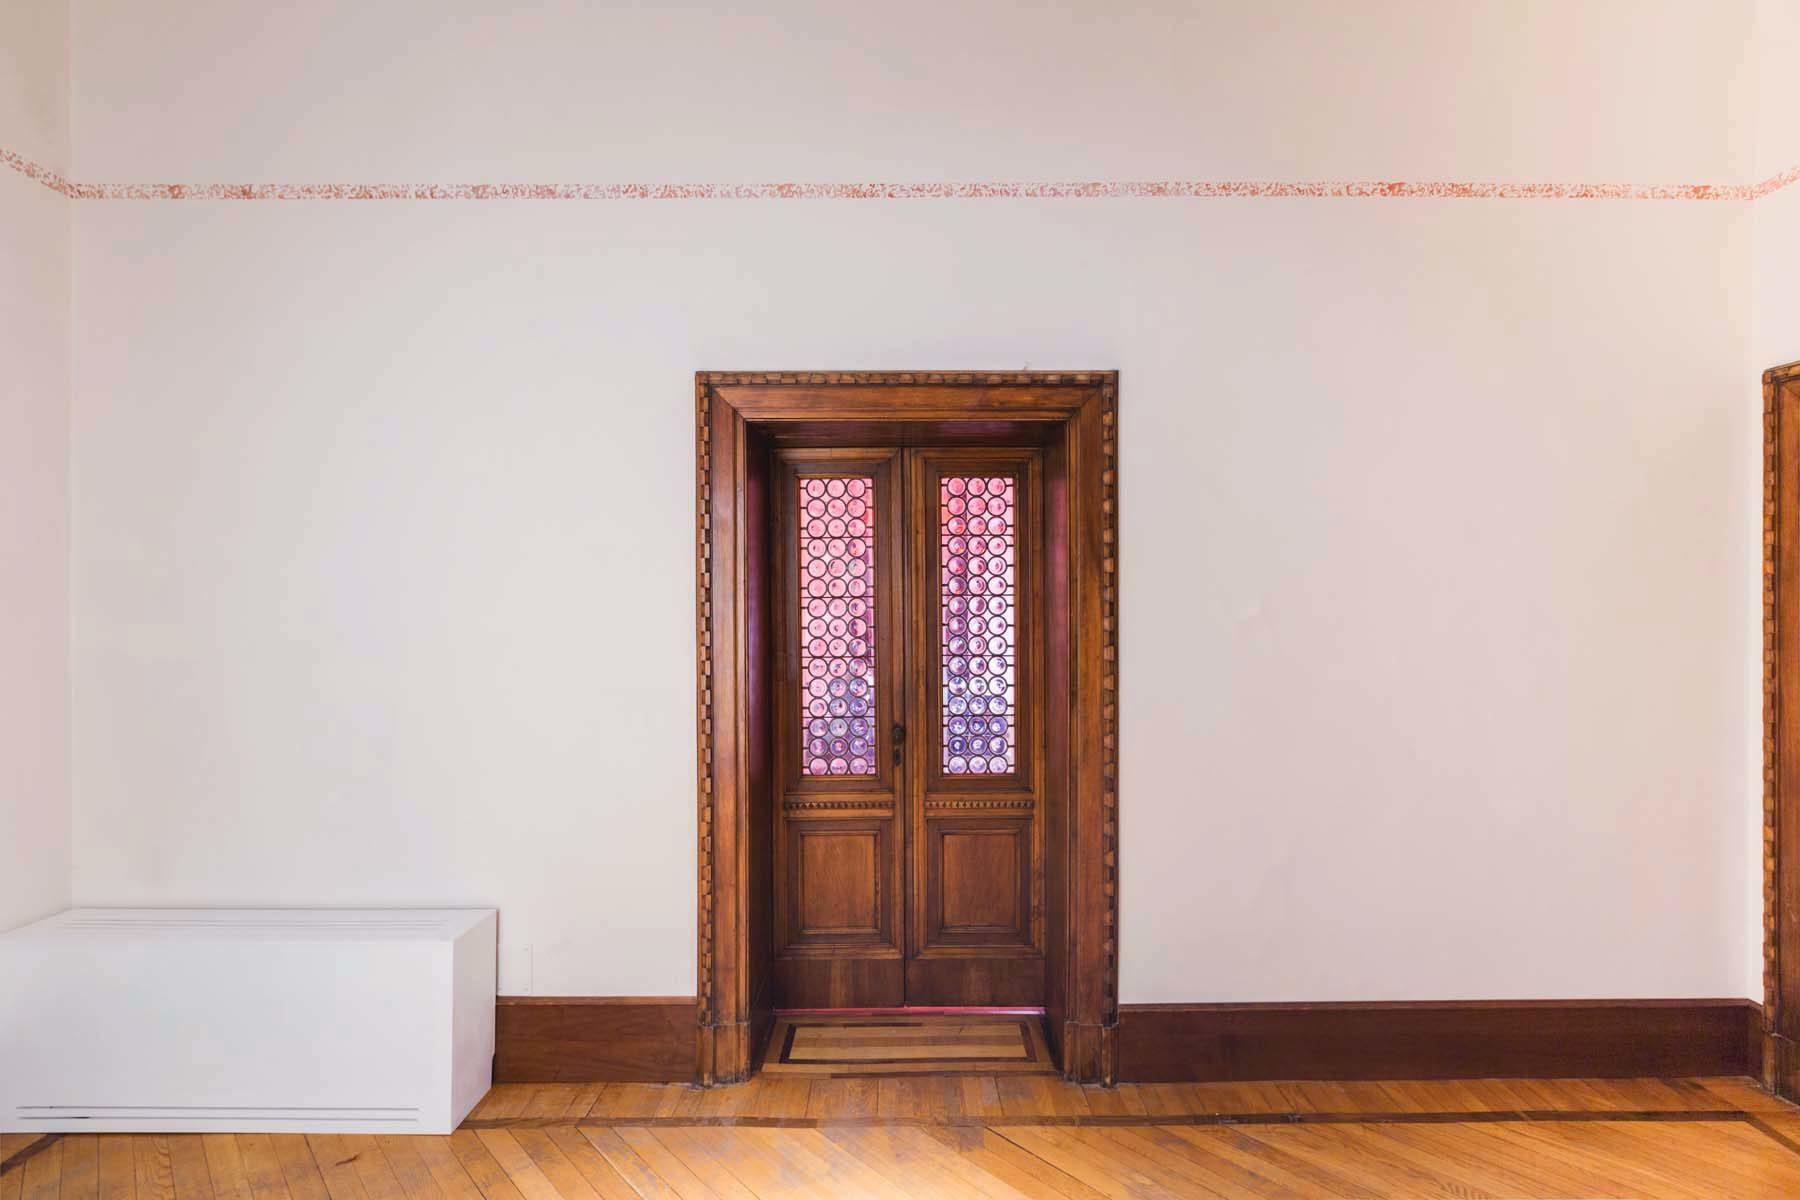 Giovanni Morbin, Non sto più nella pelle, 2018, blood painted wall, installation, h. 5 cm, ph. Nico Covre